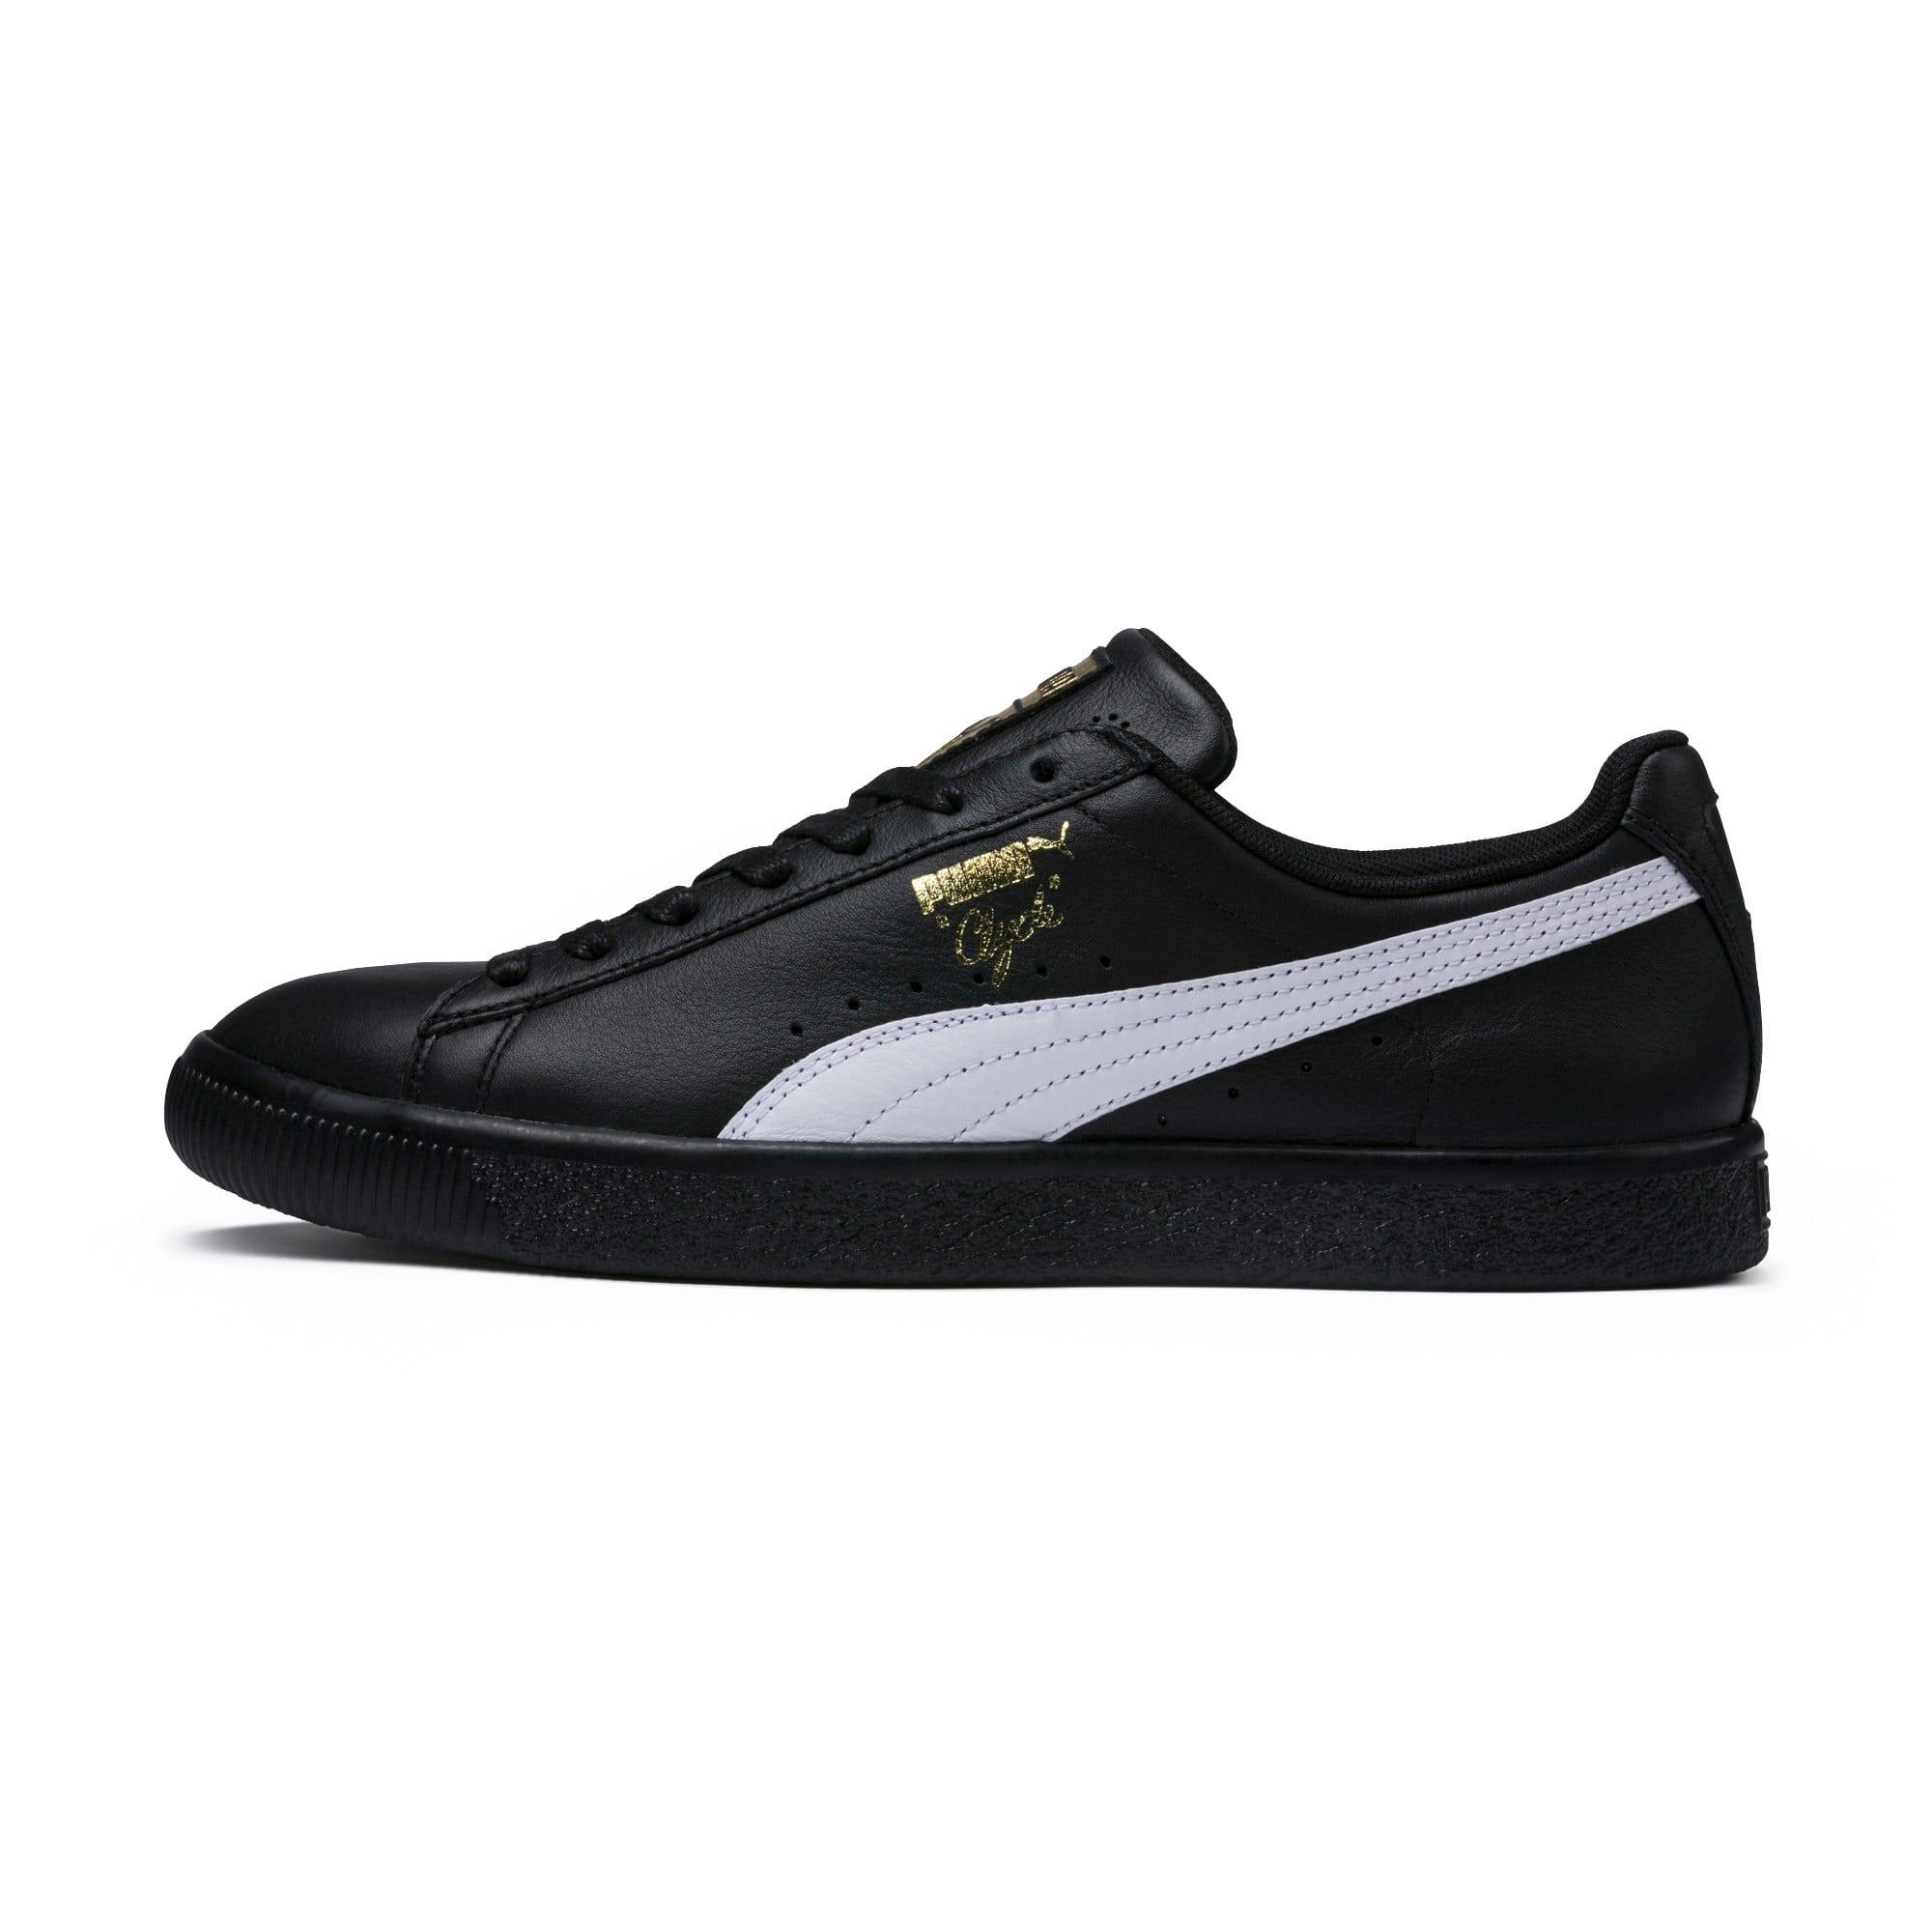 official photos 0d4bb 6ea29 Clyde Core Foil Men's Sneakers